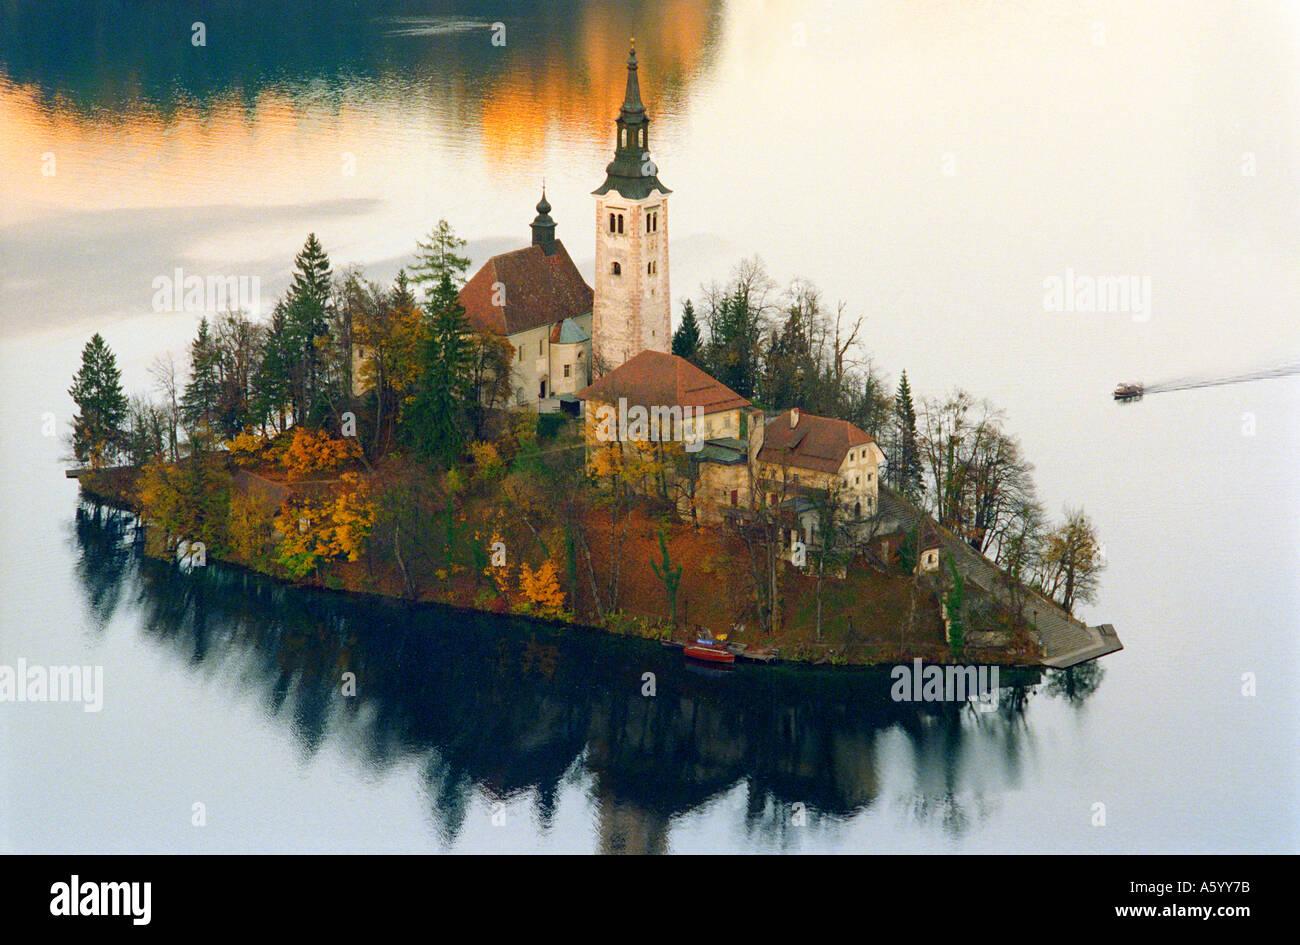 Lago Bled isla otoño la iglesia isla y recorrido turístico en barco al lago Bled con colores otoñales Eslovenia Imagen De Stock